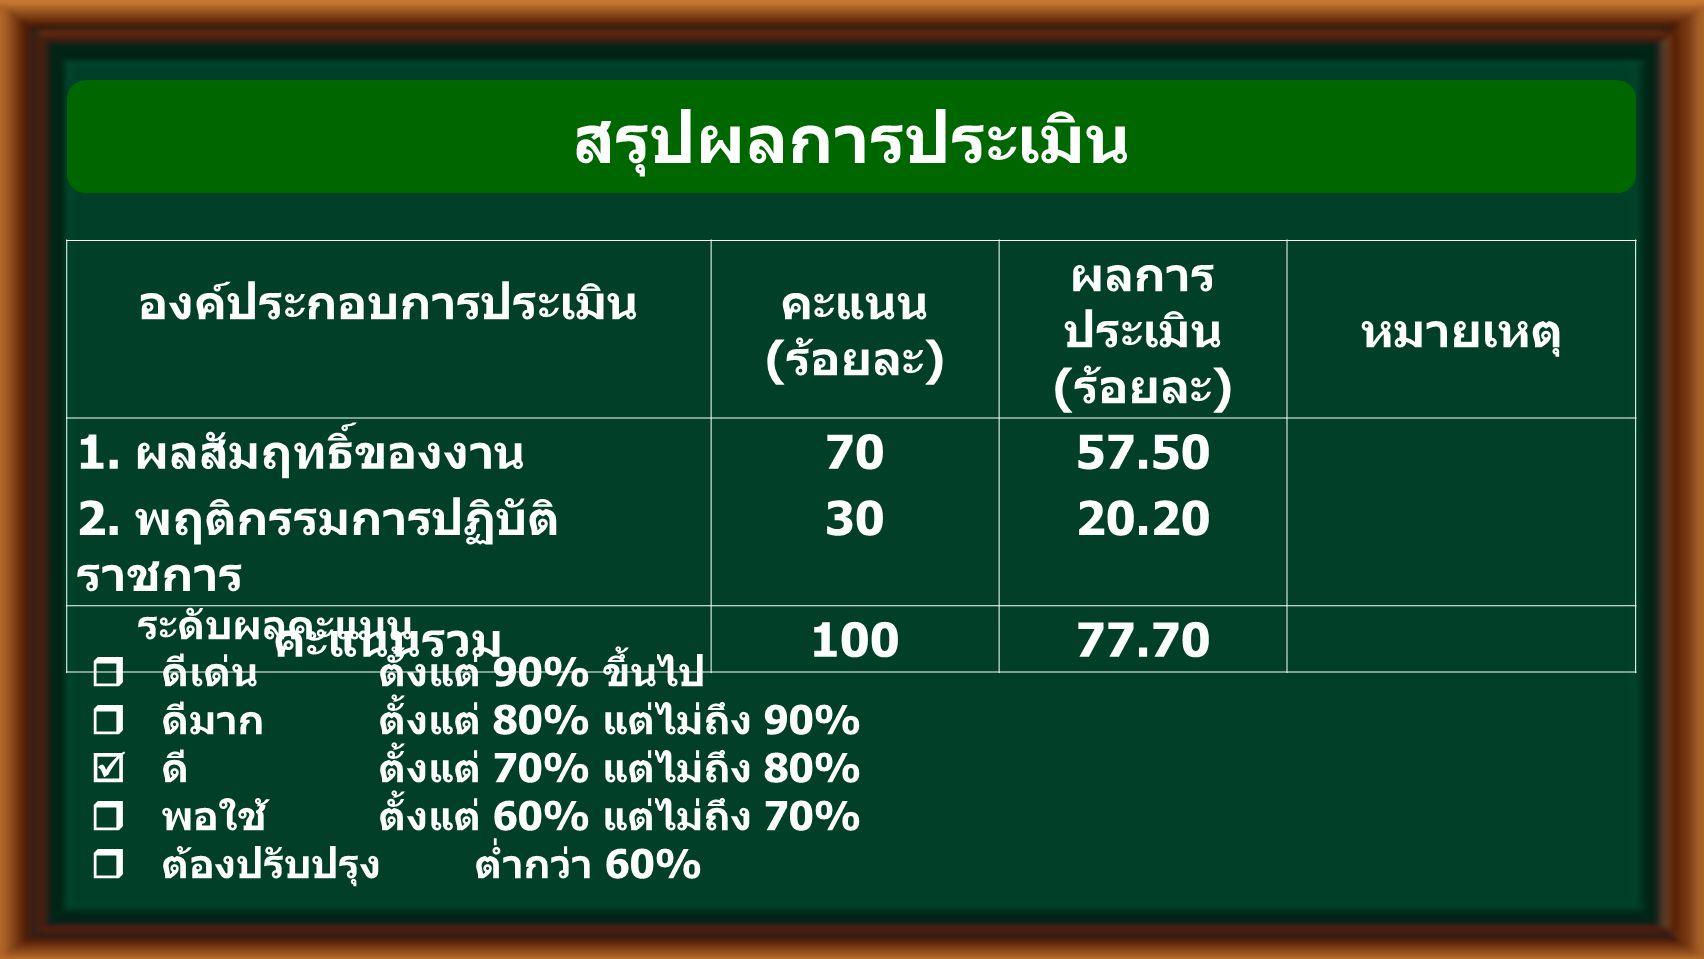 สรุปผลการประเมิน องค์ประกอบการประเมินคะแนน ( ร้อยละ ) ผลการ ประเมิน ( ร้อยละ ) หมายเหตุ 1.